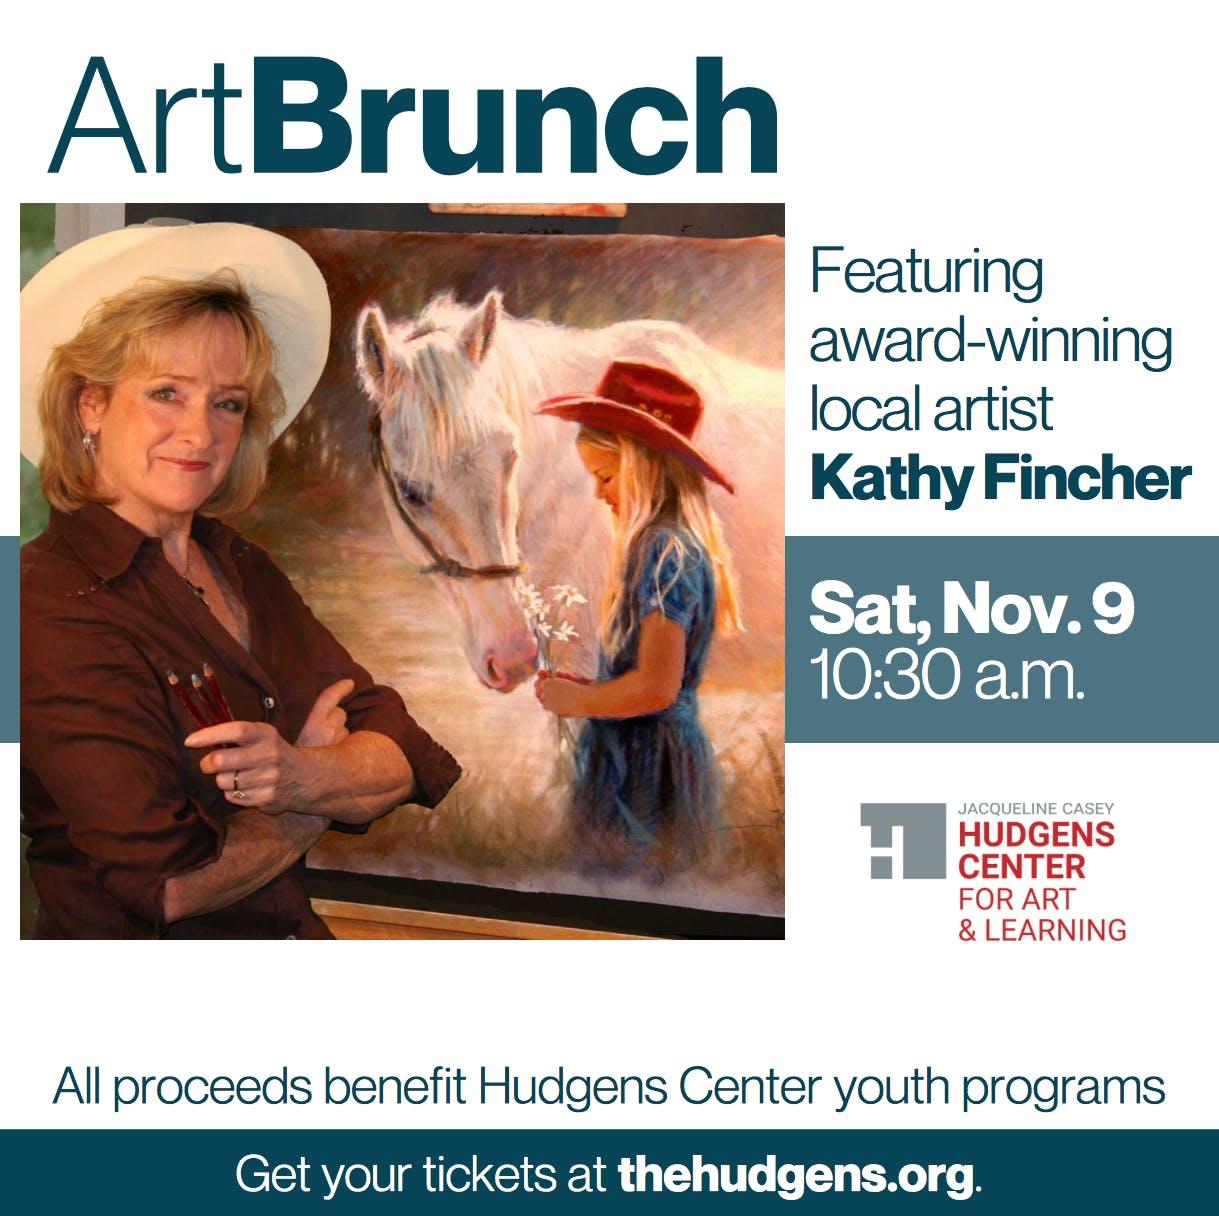 Brunch with Artist Kathy Fincher